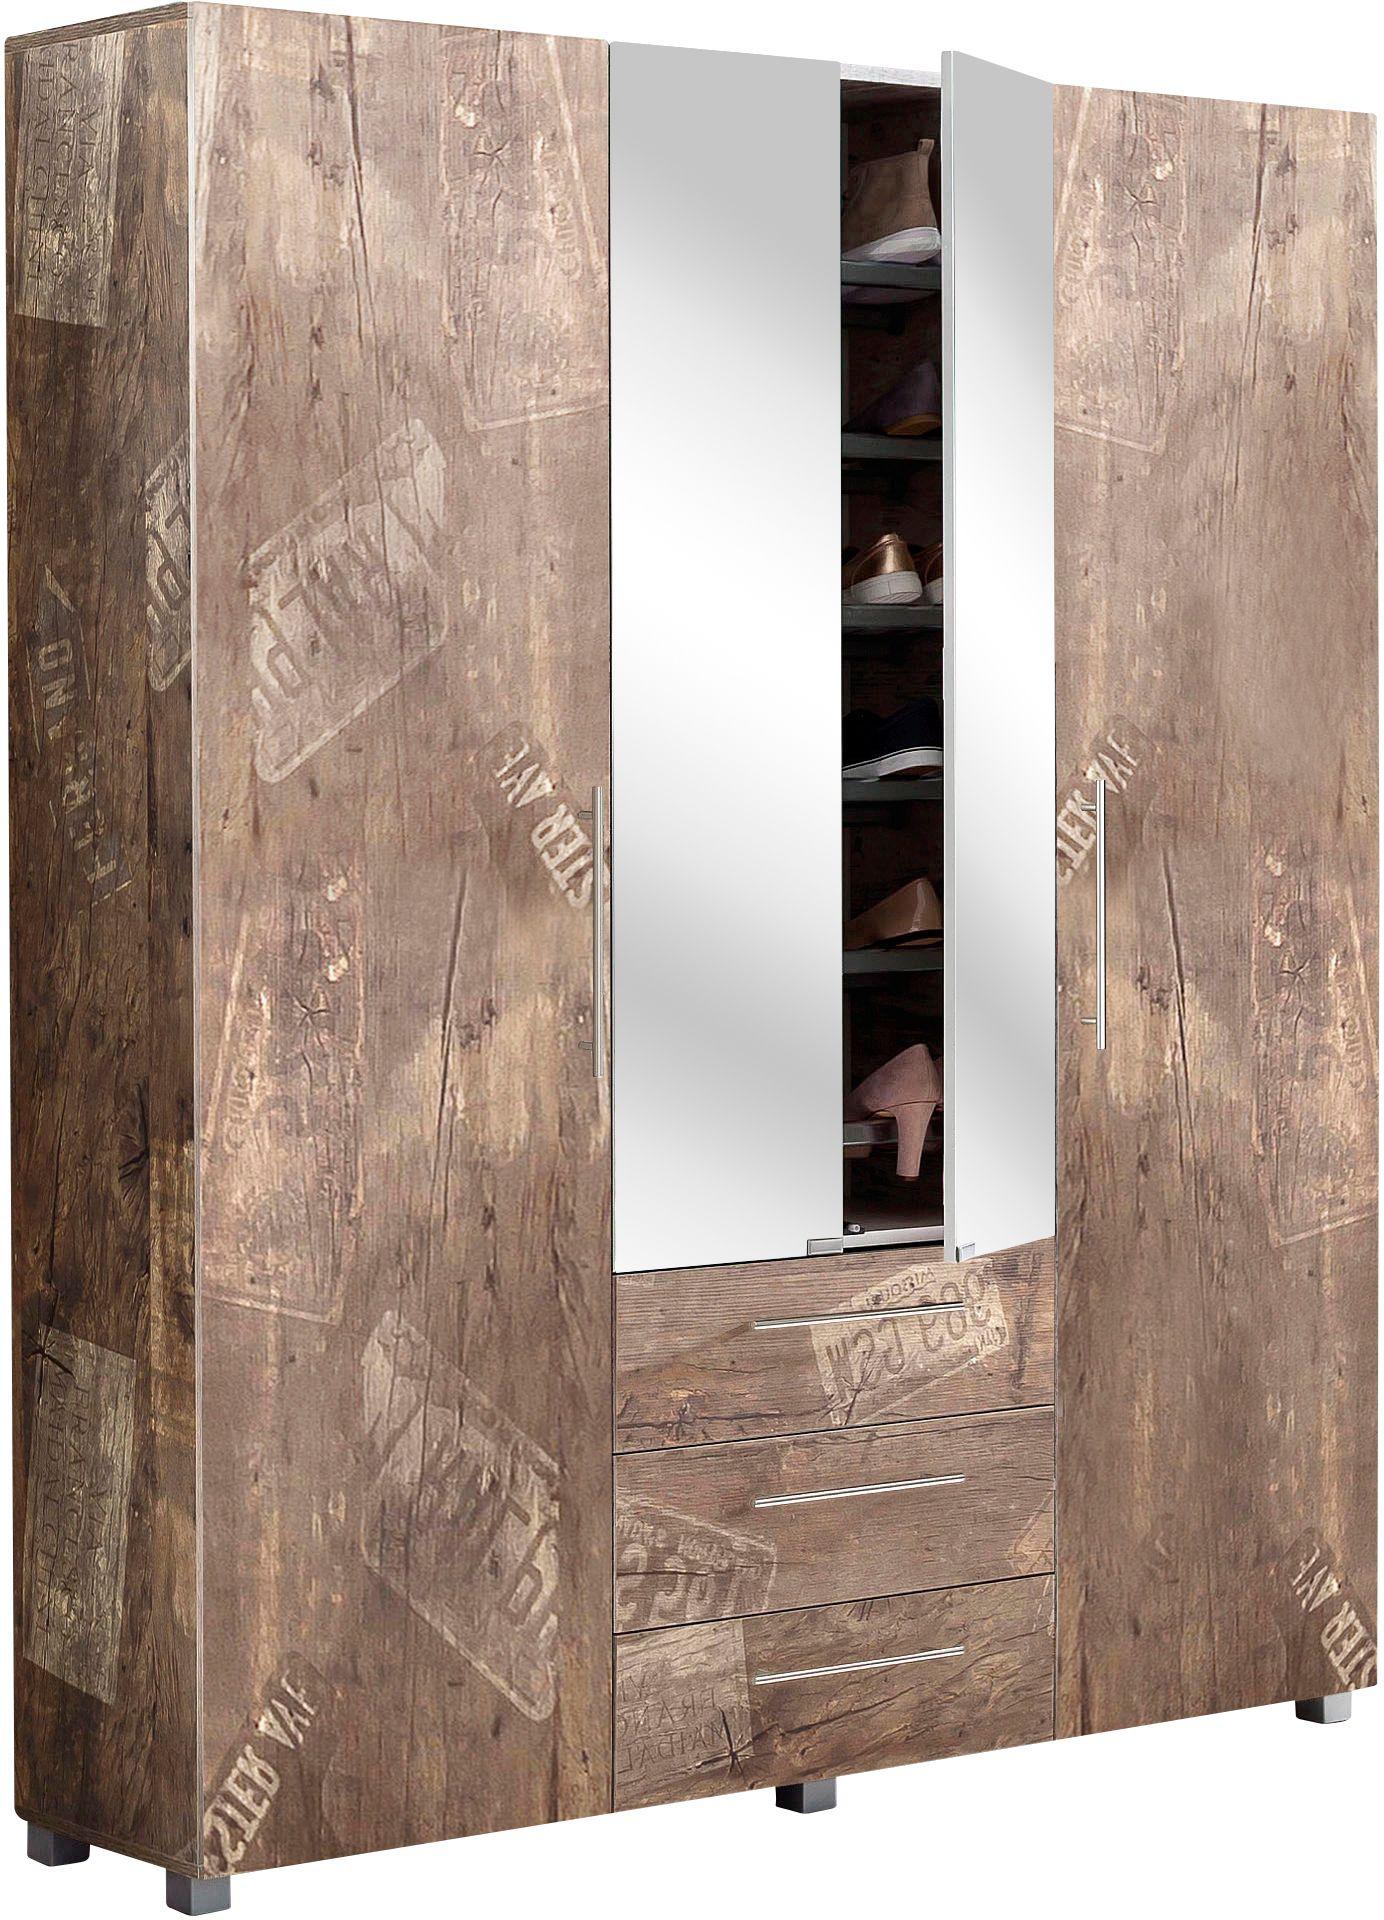 Schildmeyer garderobenschrank danu mit spiegel schwab - Garderobenschrank mit spiegel ...